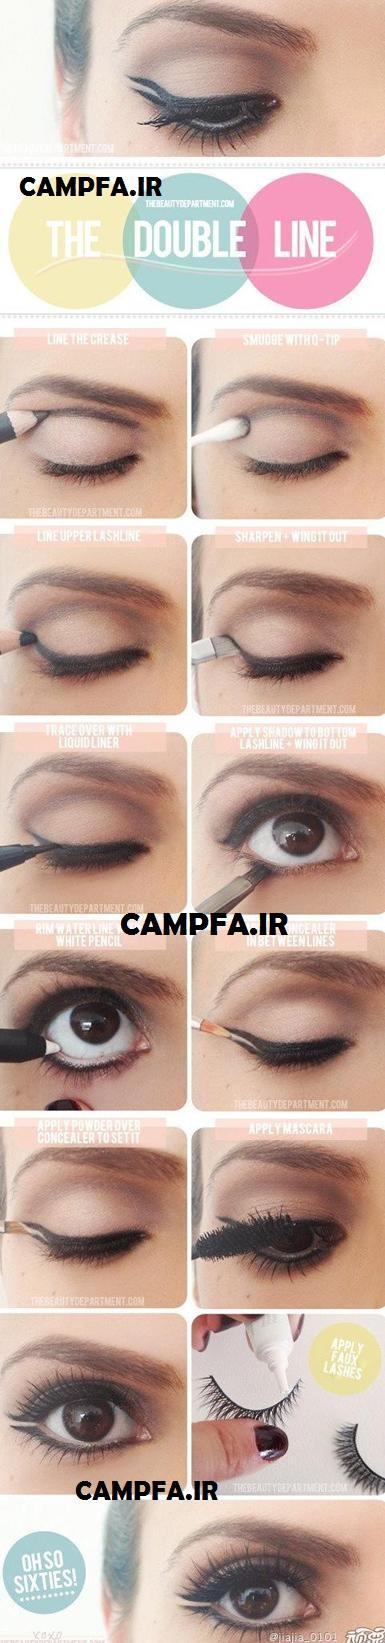 آموزش تصویری آرایش چشم www.campfa.ir